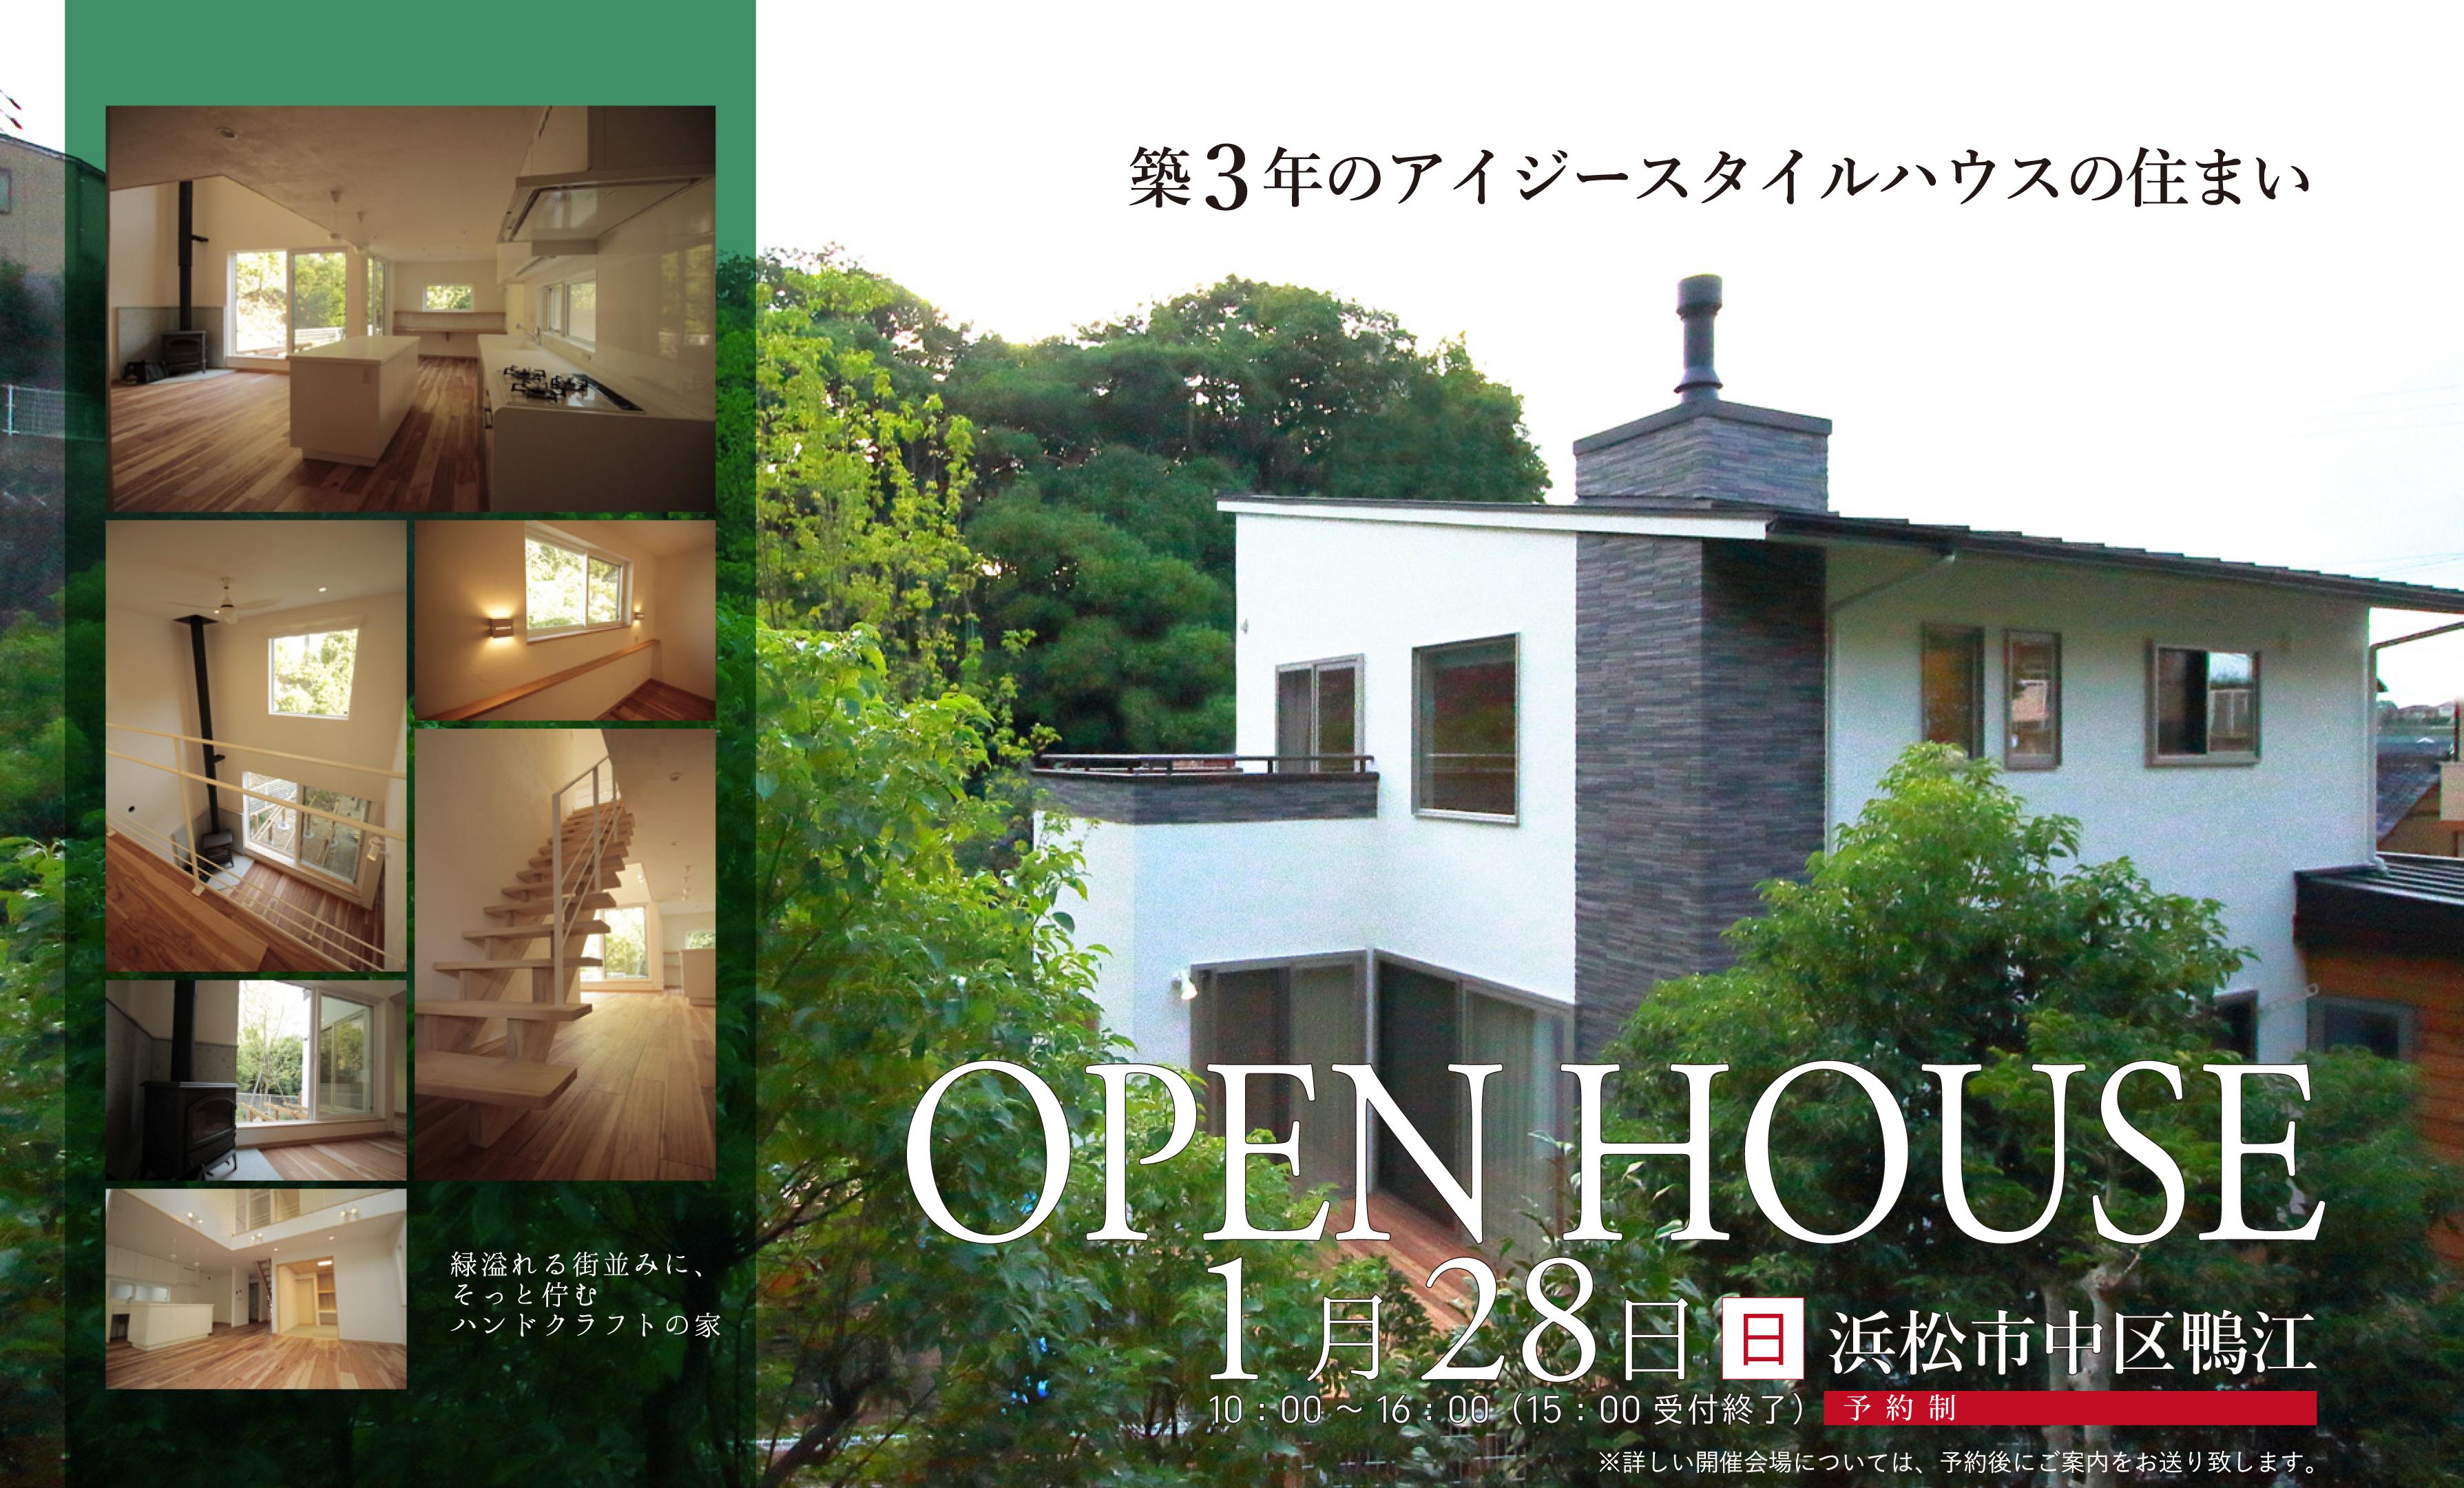 1/28(日)オープンハウス|浜松市